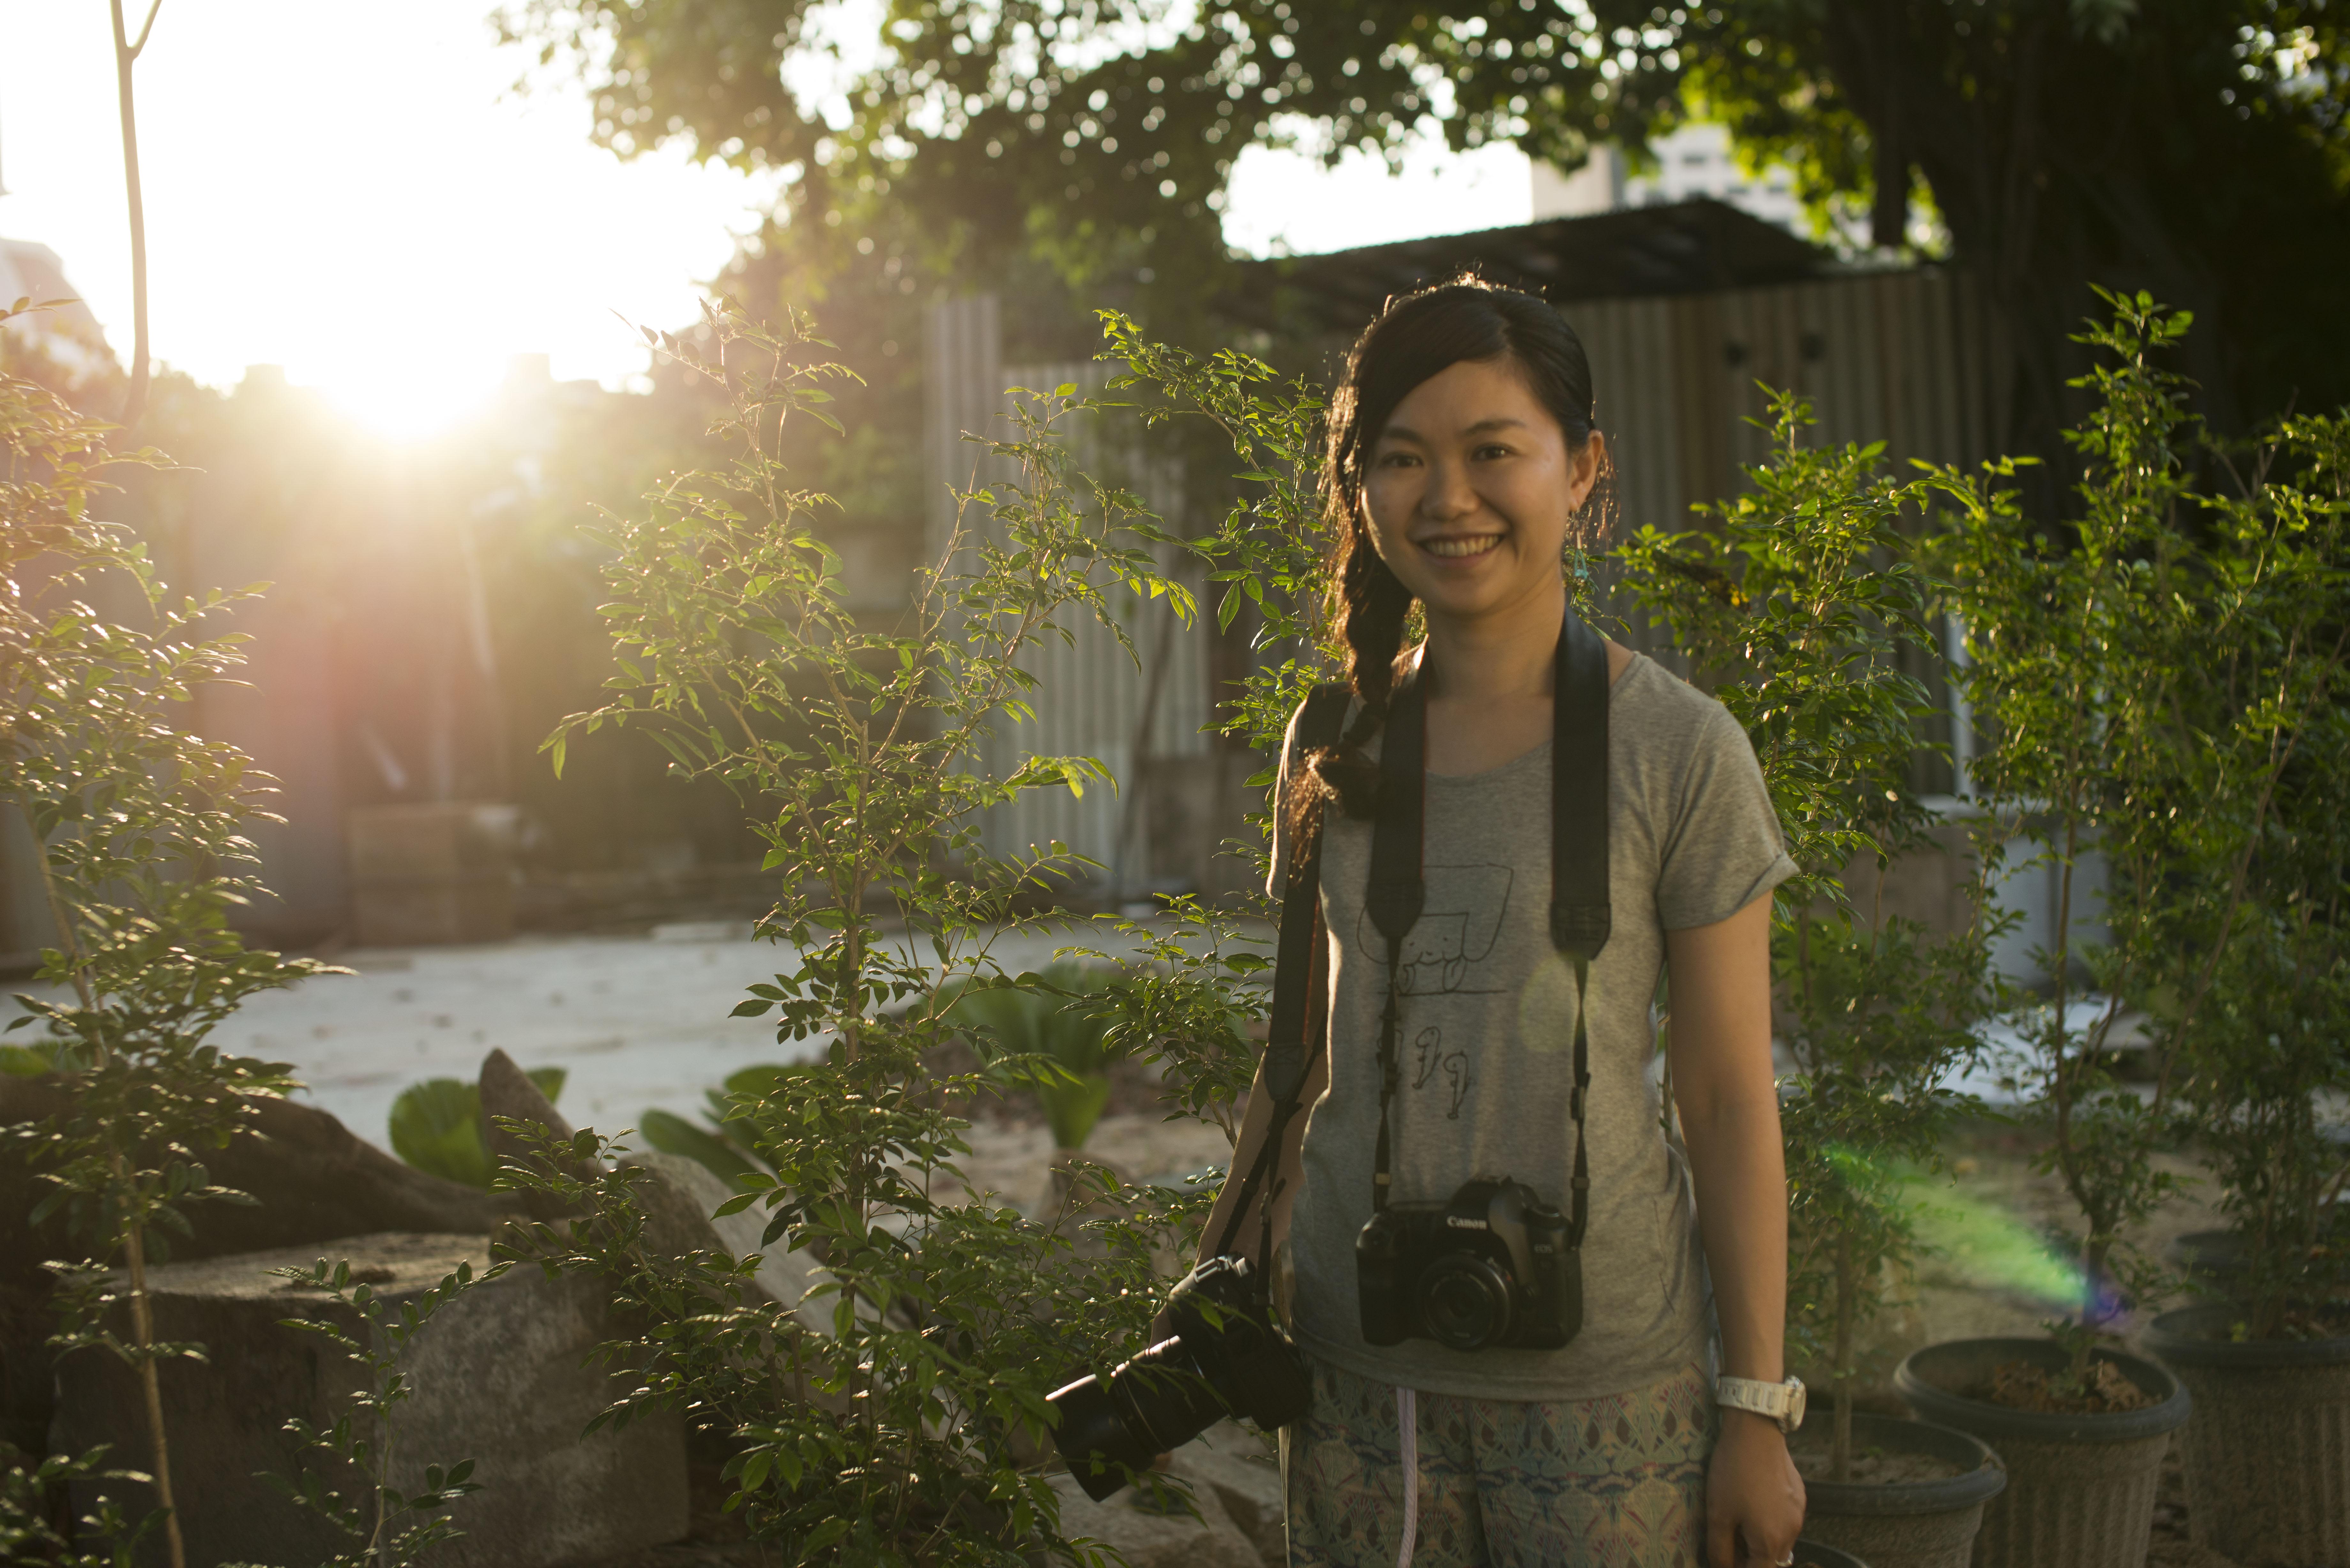 Mieko Matsumoto